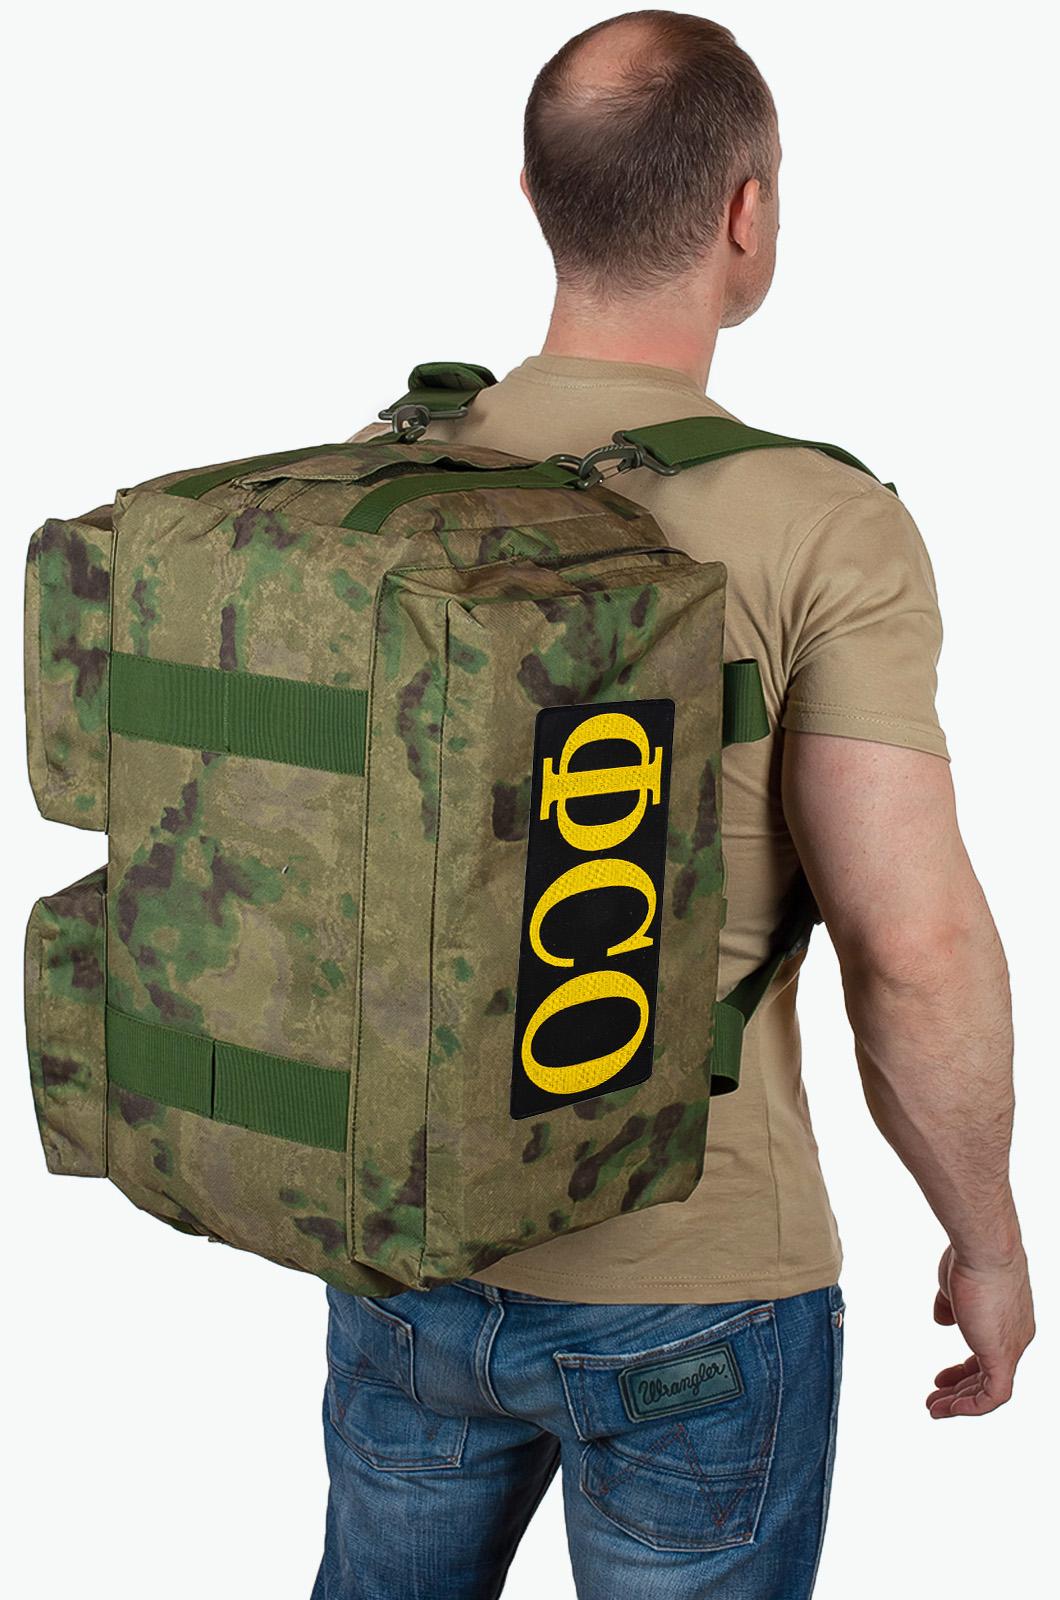 Купить военную походную сумку с нашивкой ФСО по выгодной цене